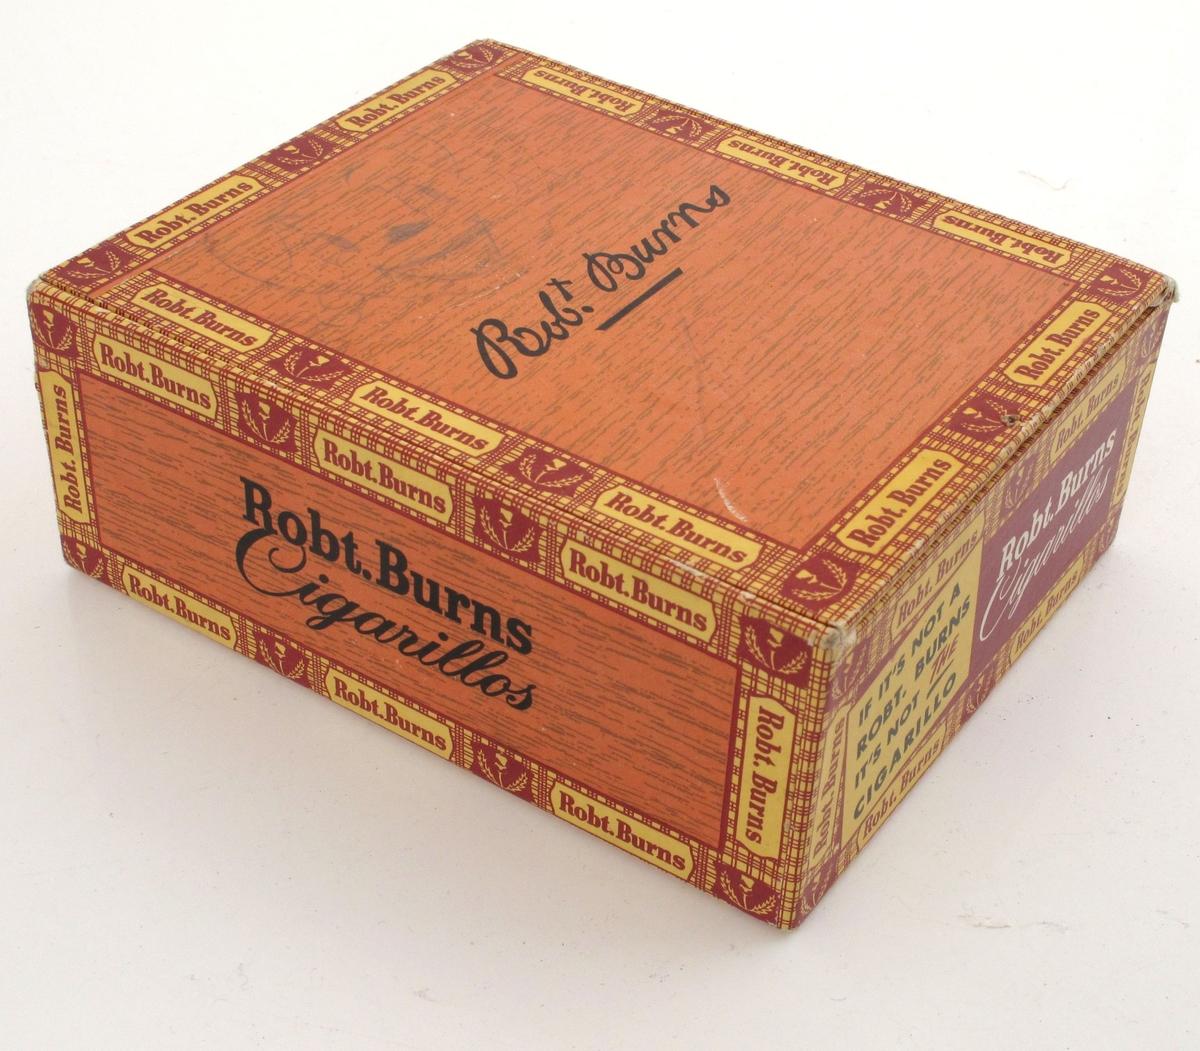 Eske av tynne treplater, påklebet papir med trykt mønster og tekst på alle flater. Brun trestruktur, ellers rød, gul og sort farge. Inneholder brukte frimerker (norske og amerikanske)  fra ca. 1970.